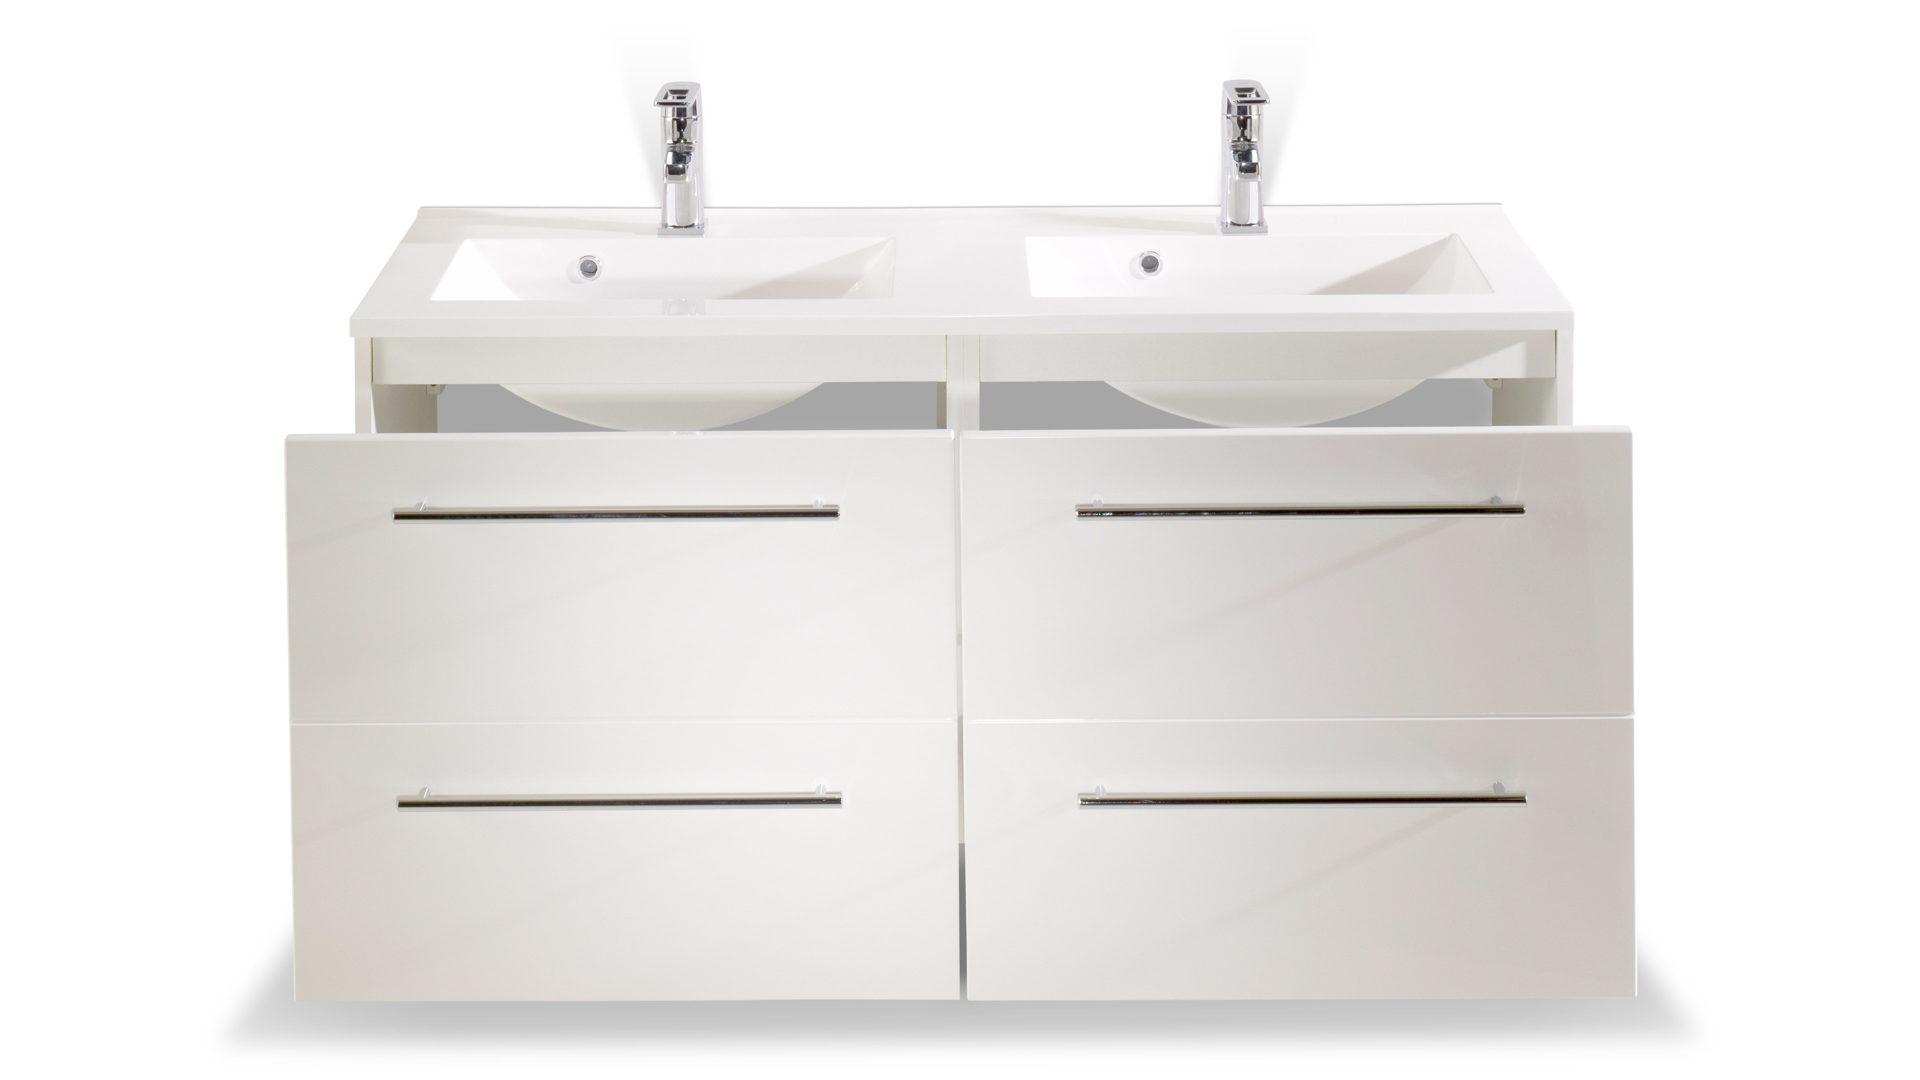 Waschtisch-Set Mailand als modernes Badezimmermöbel, weiße Hochglanz- &  weiße Melaminoberflächen – Breite ca. 120 cm, zwei